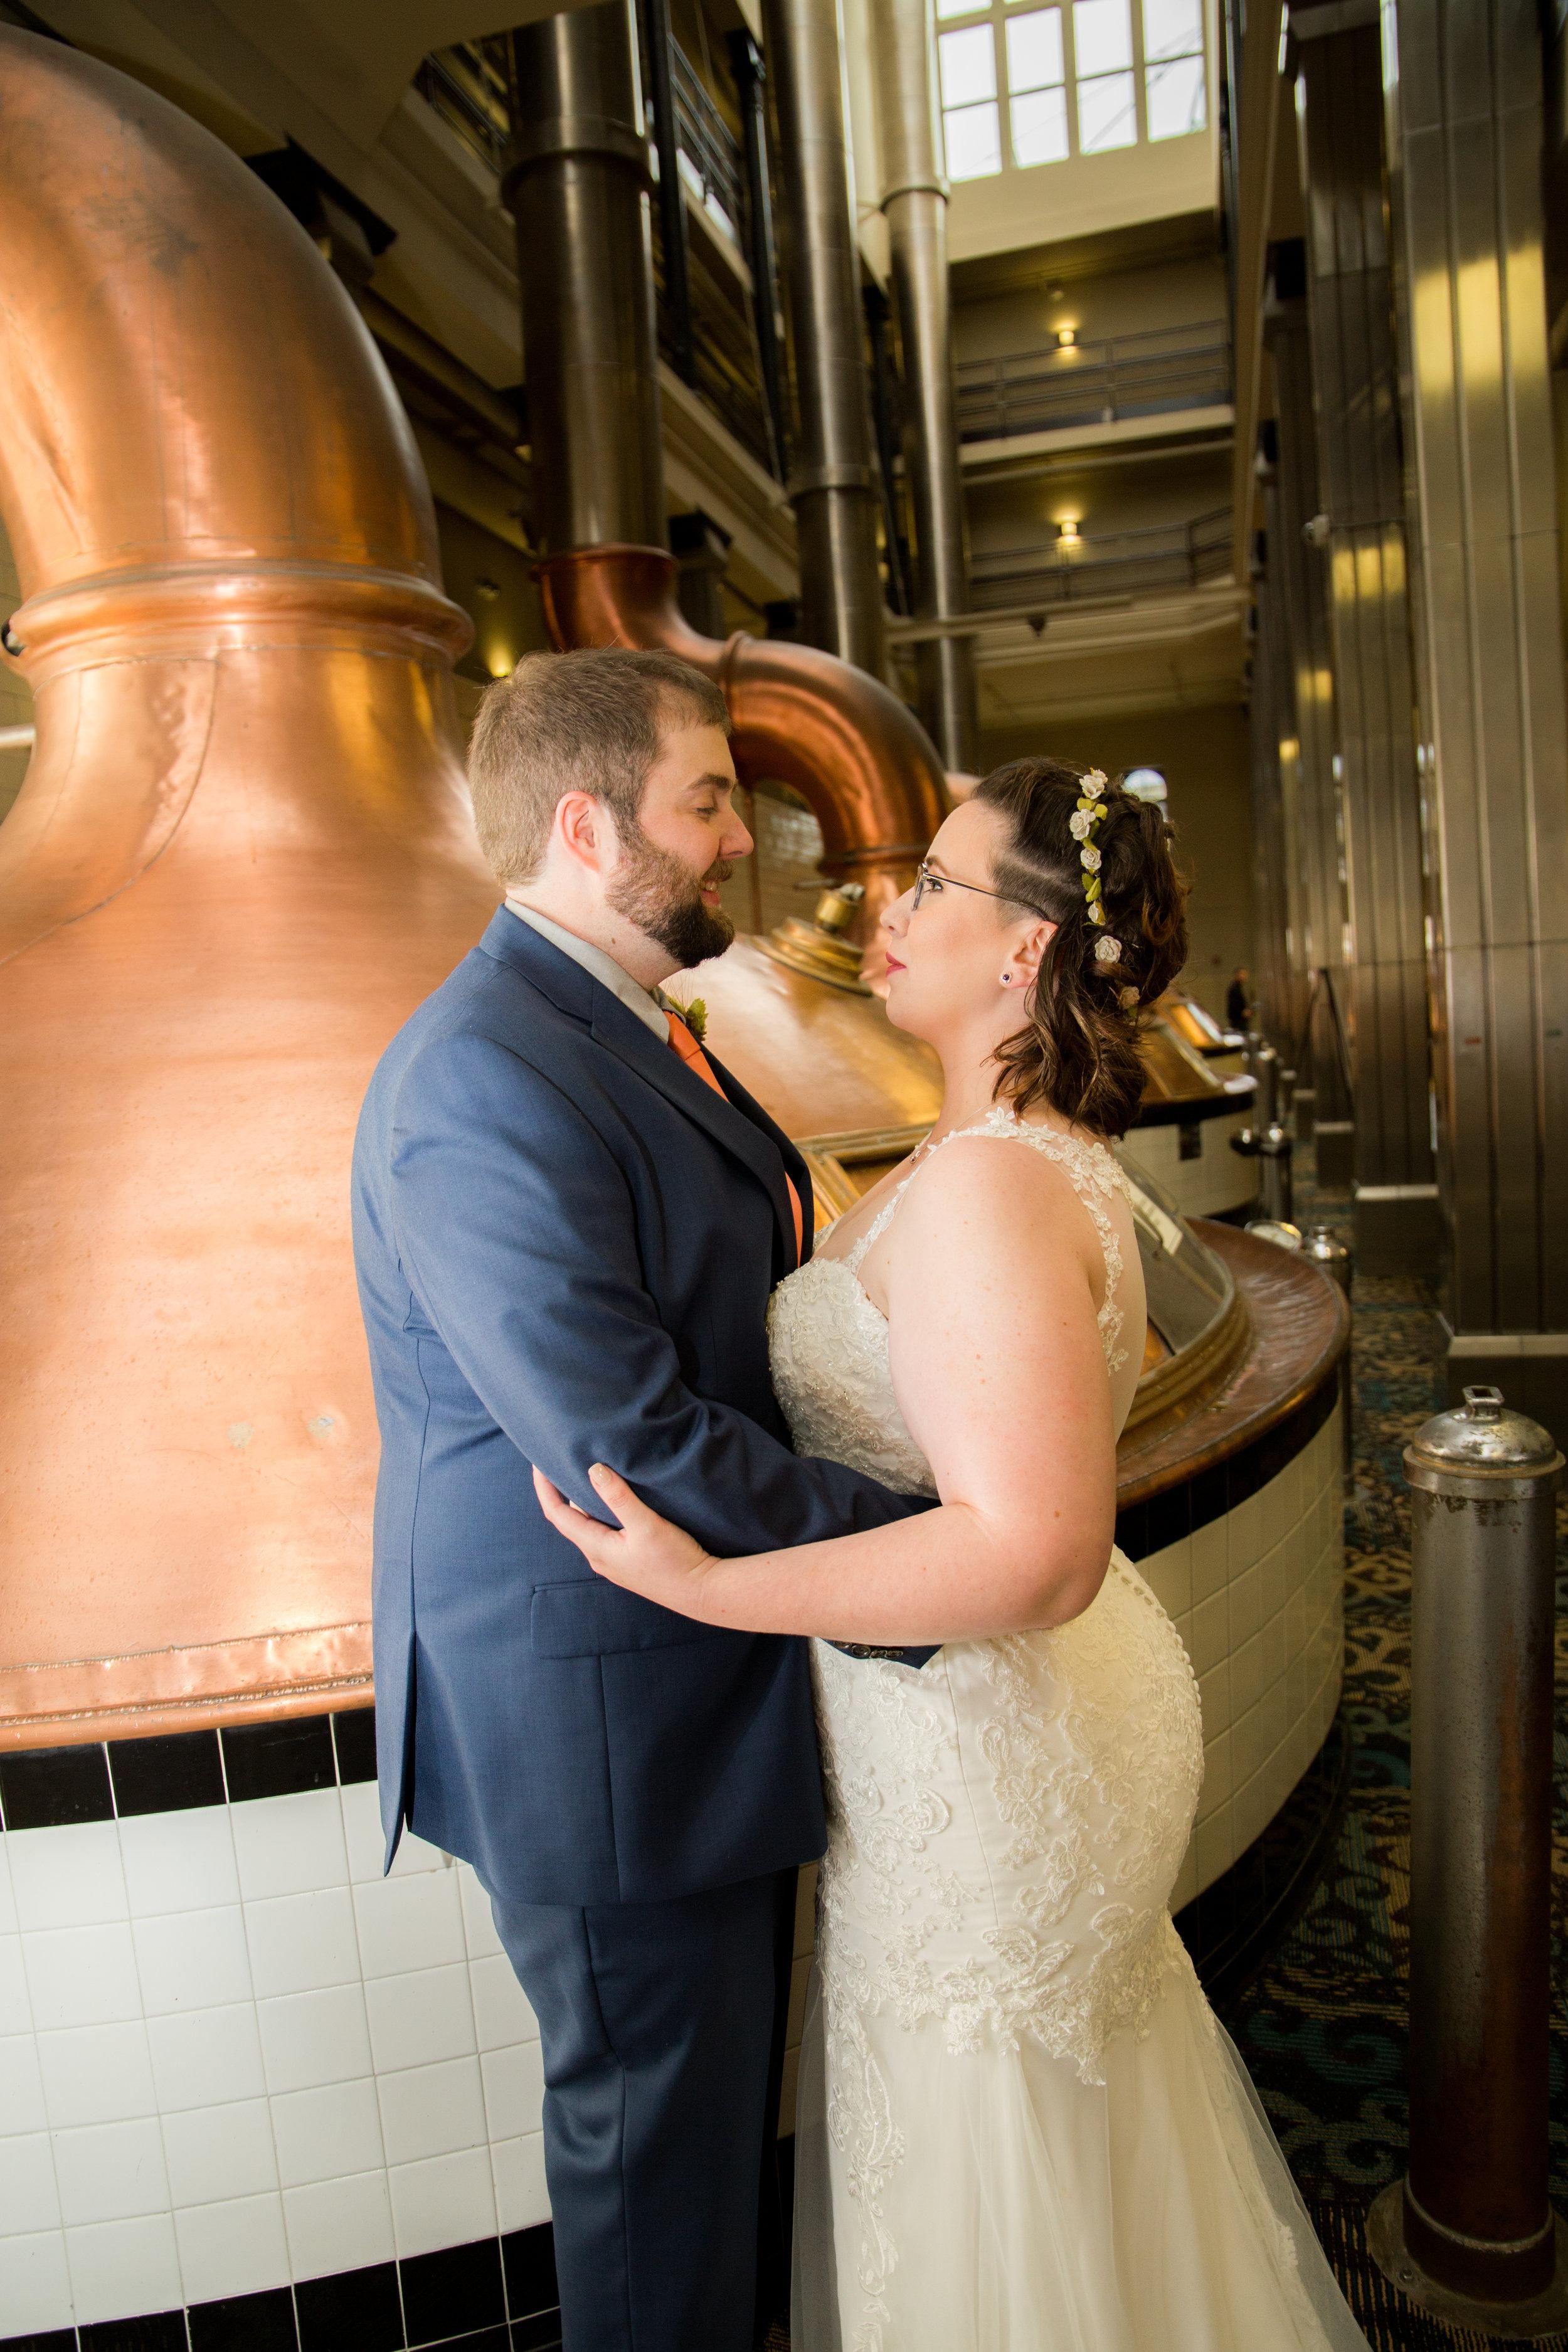 weddingportraits-southernwisconsinweddings-katydaixonphotography.jpg